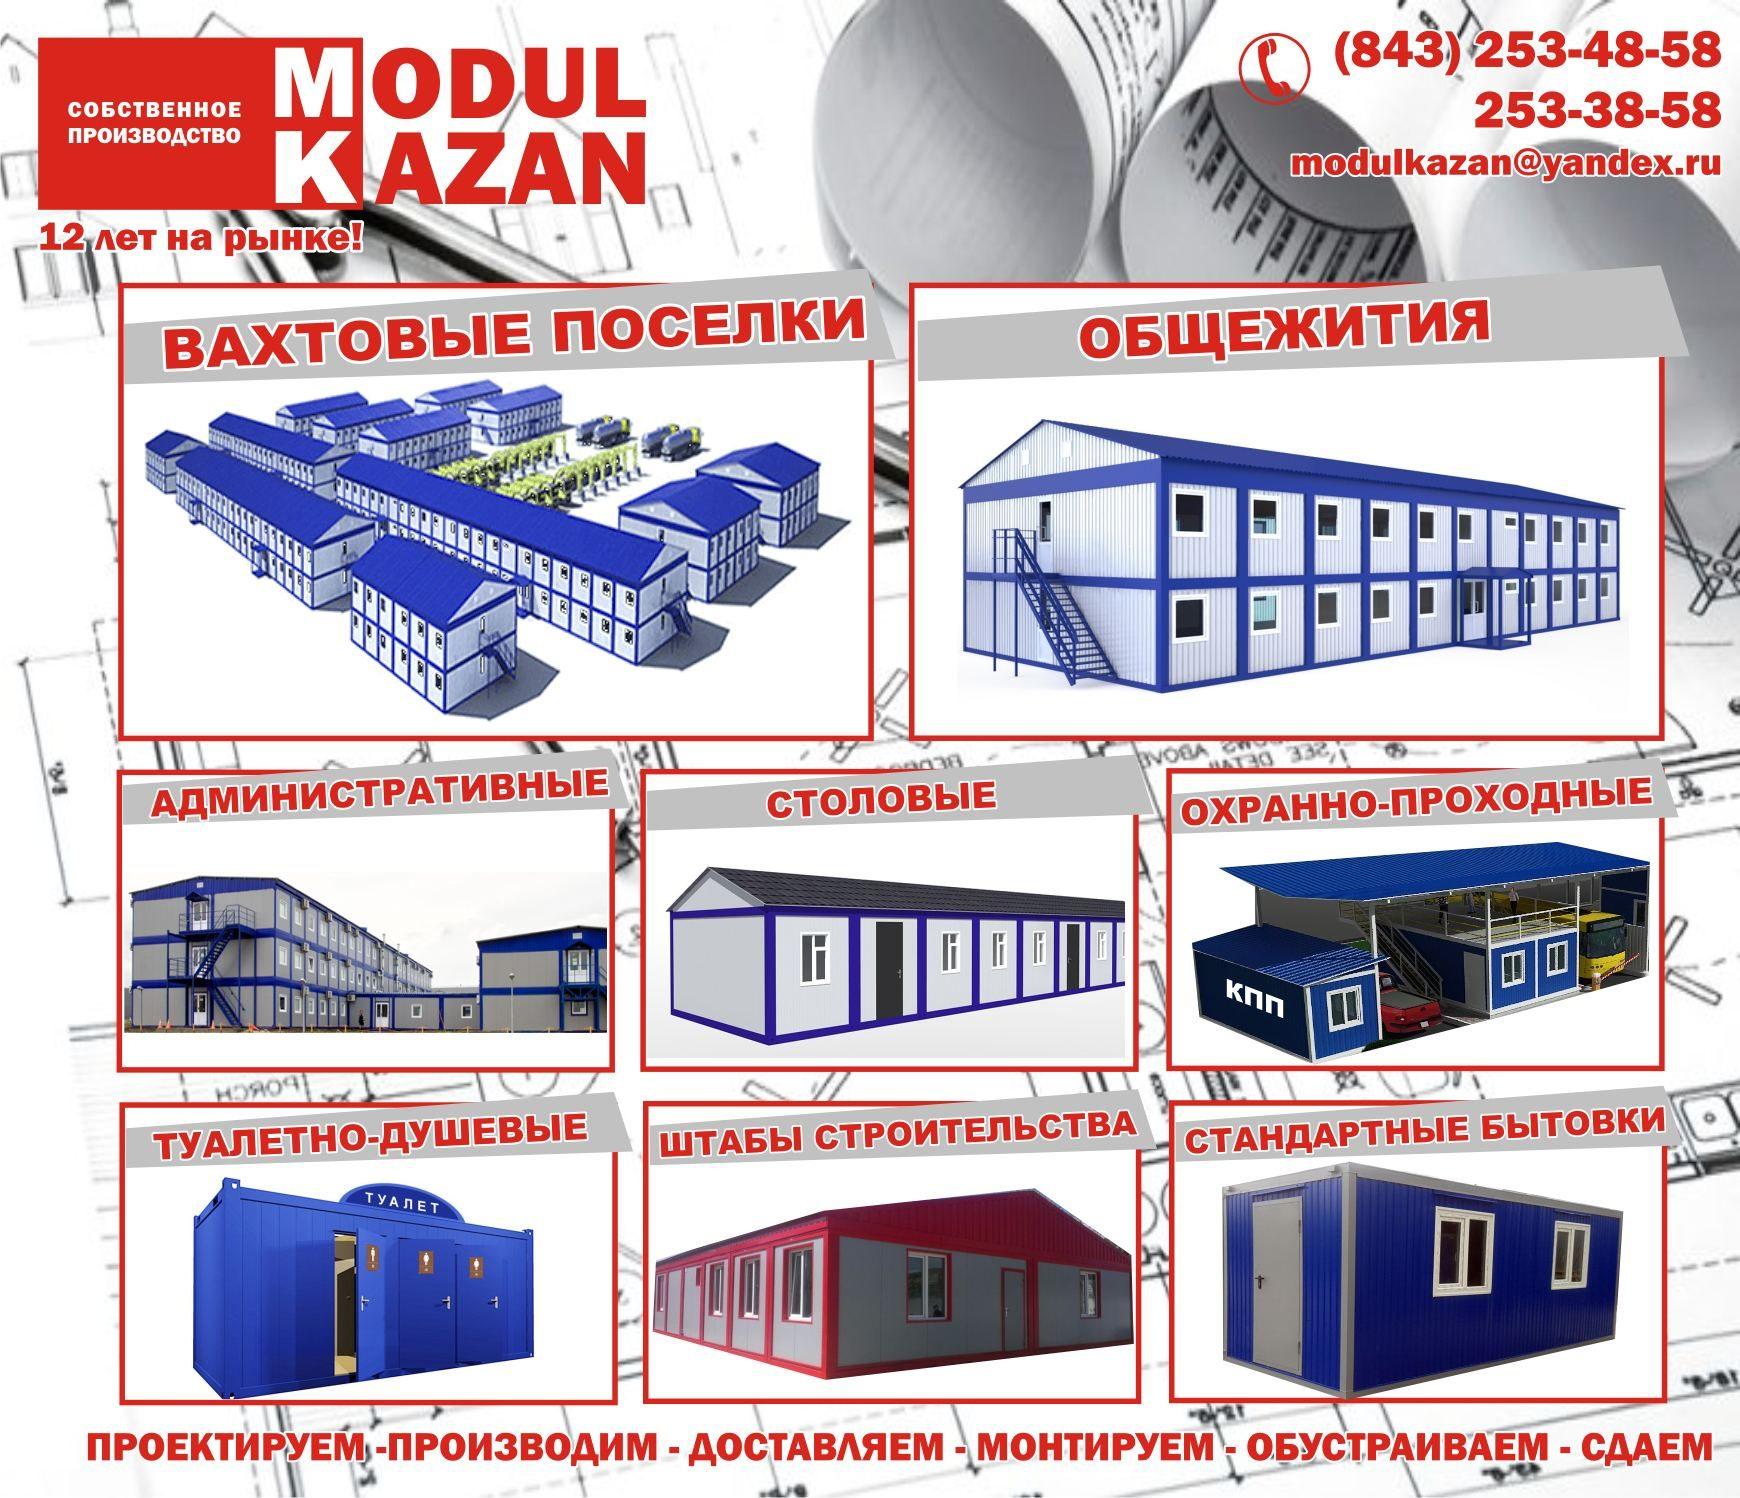 Бытовки, Модульные здания Казань